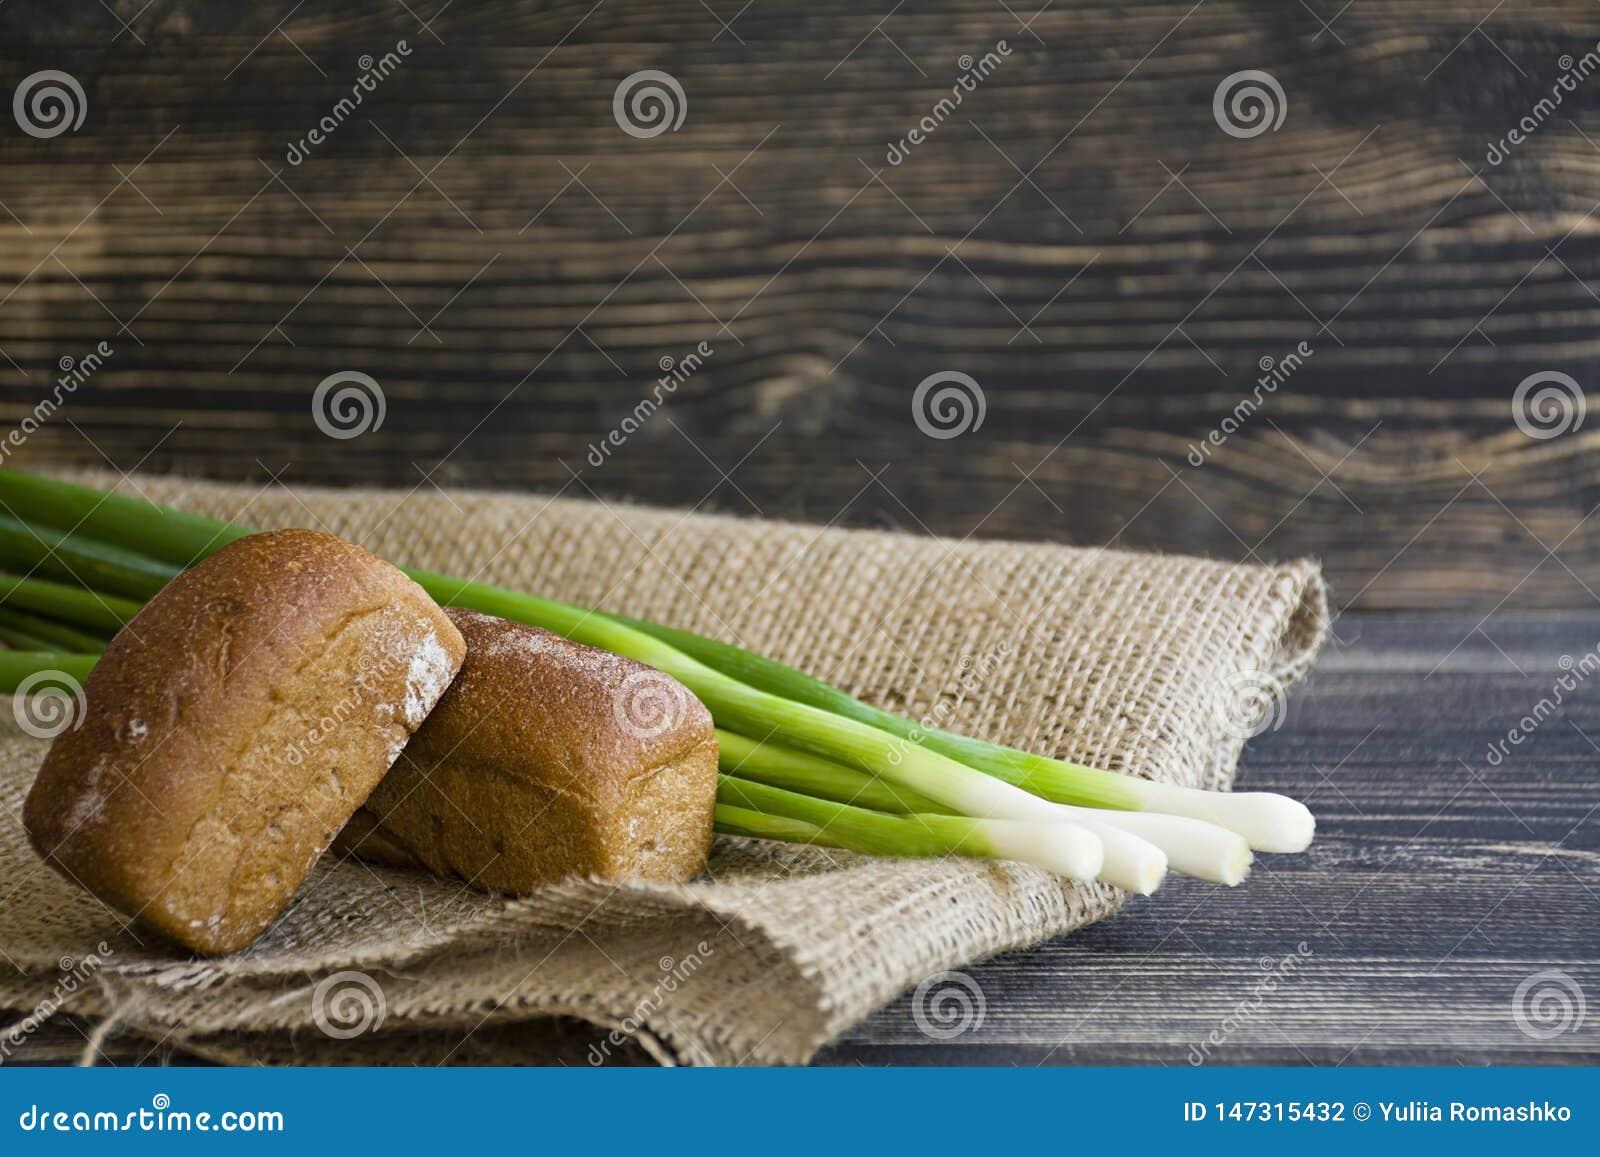 Pan y cebolla verde recientemente cocidos en un fondo de madera oscuro